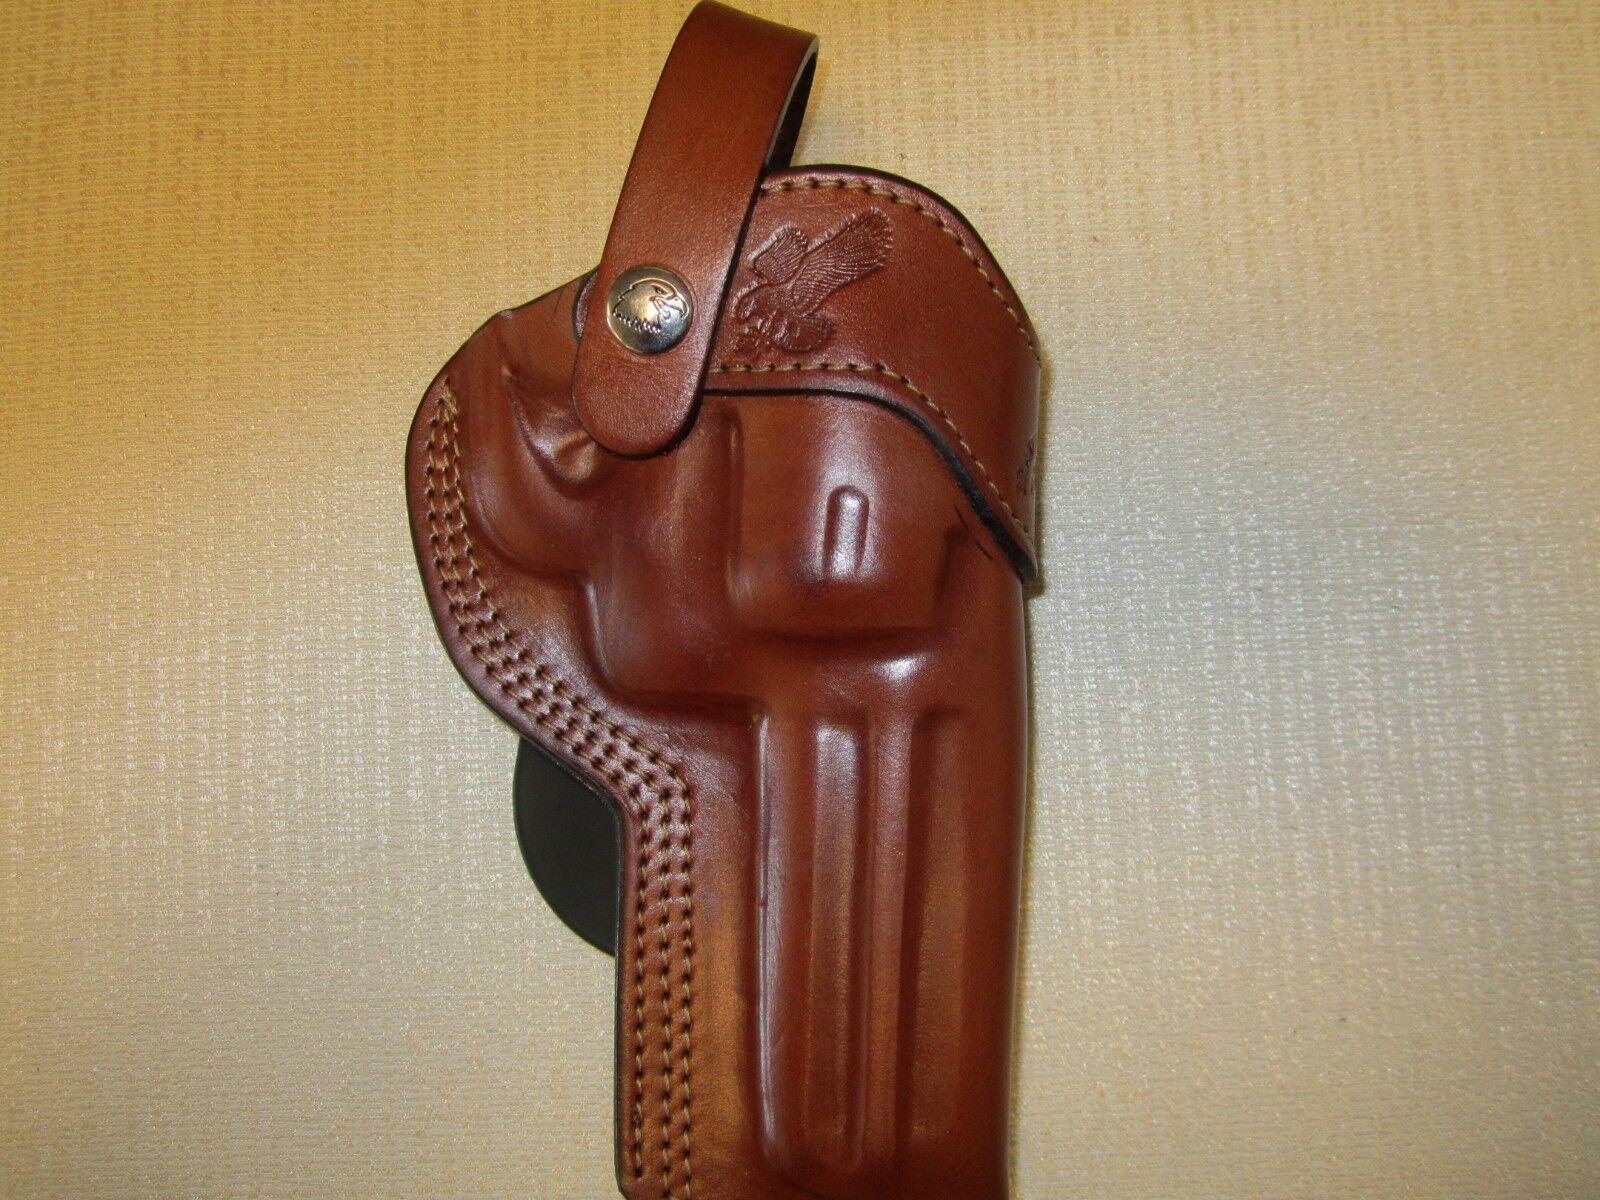 RUGER GP100 357 Engranaje De Artes Marciales. 4.2  barril, formado Marrón Cuero Funda Paleta de mano derecha